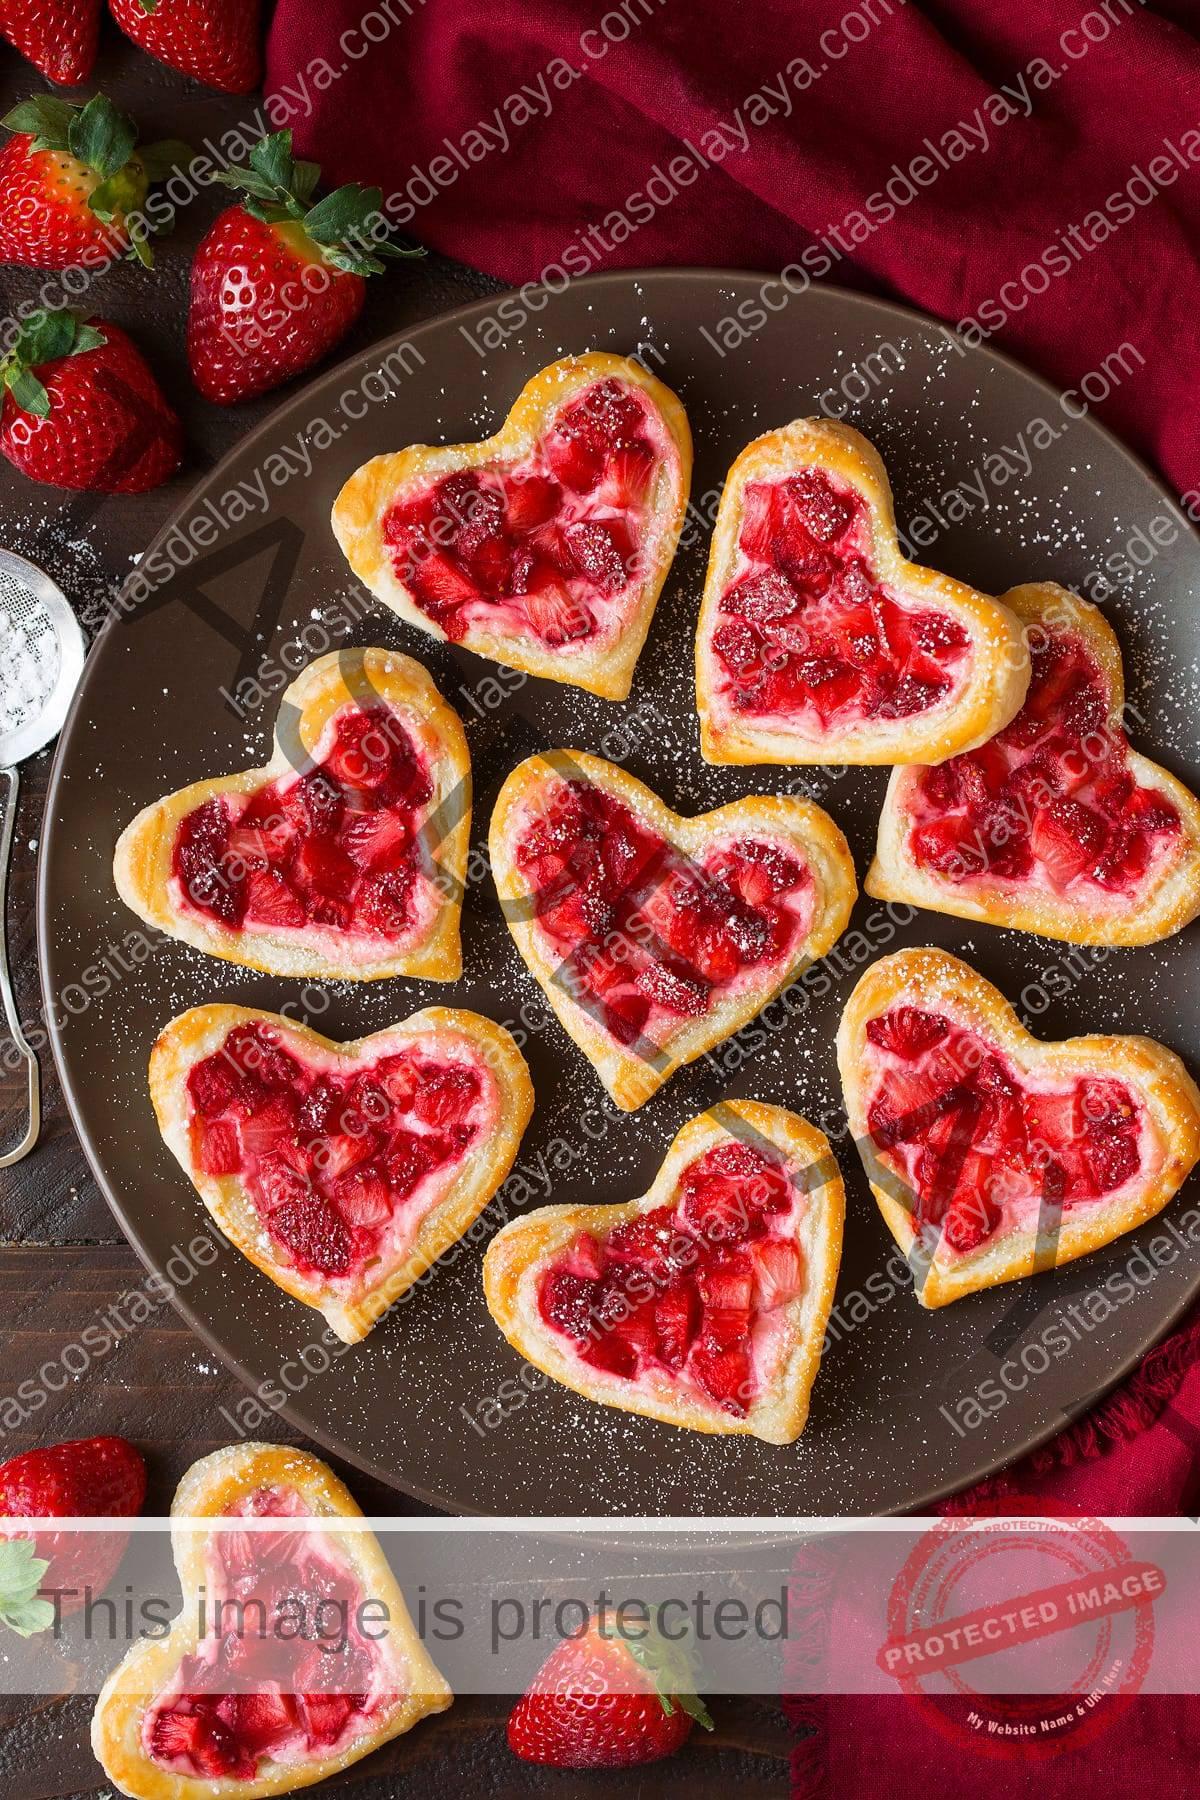 Tortas de desayuno cortadas en forma de corazón, cubiertas con queso crema y fresas endulzadas.